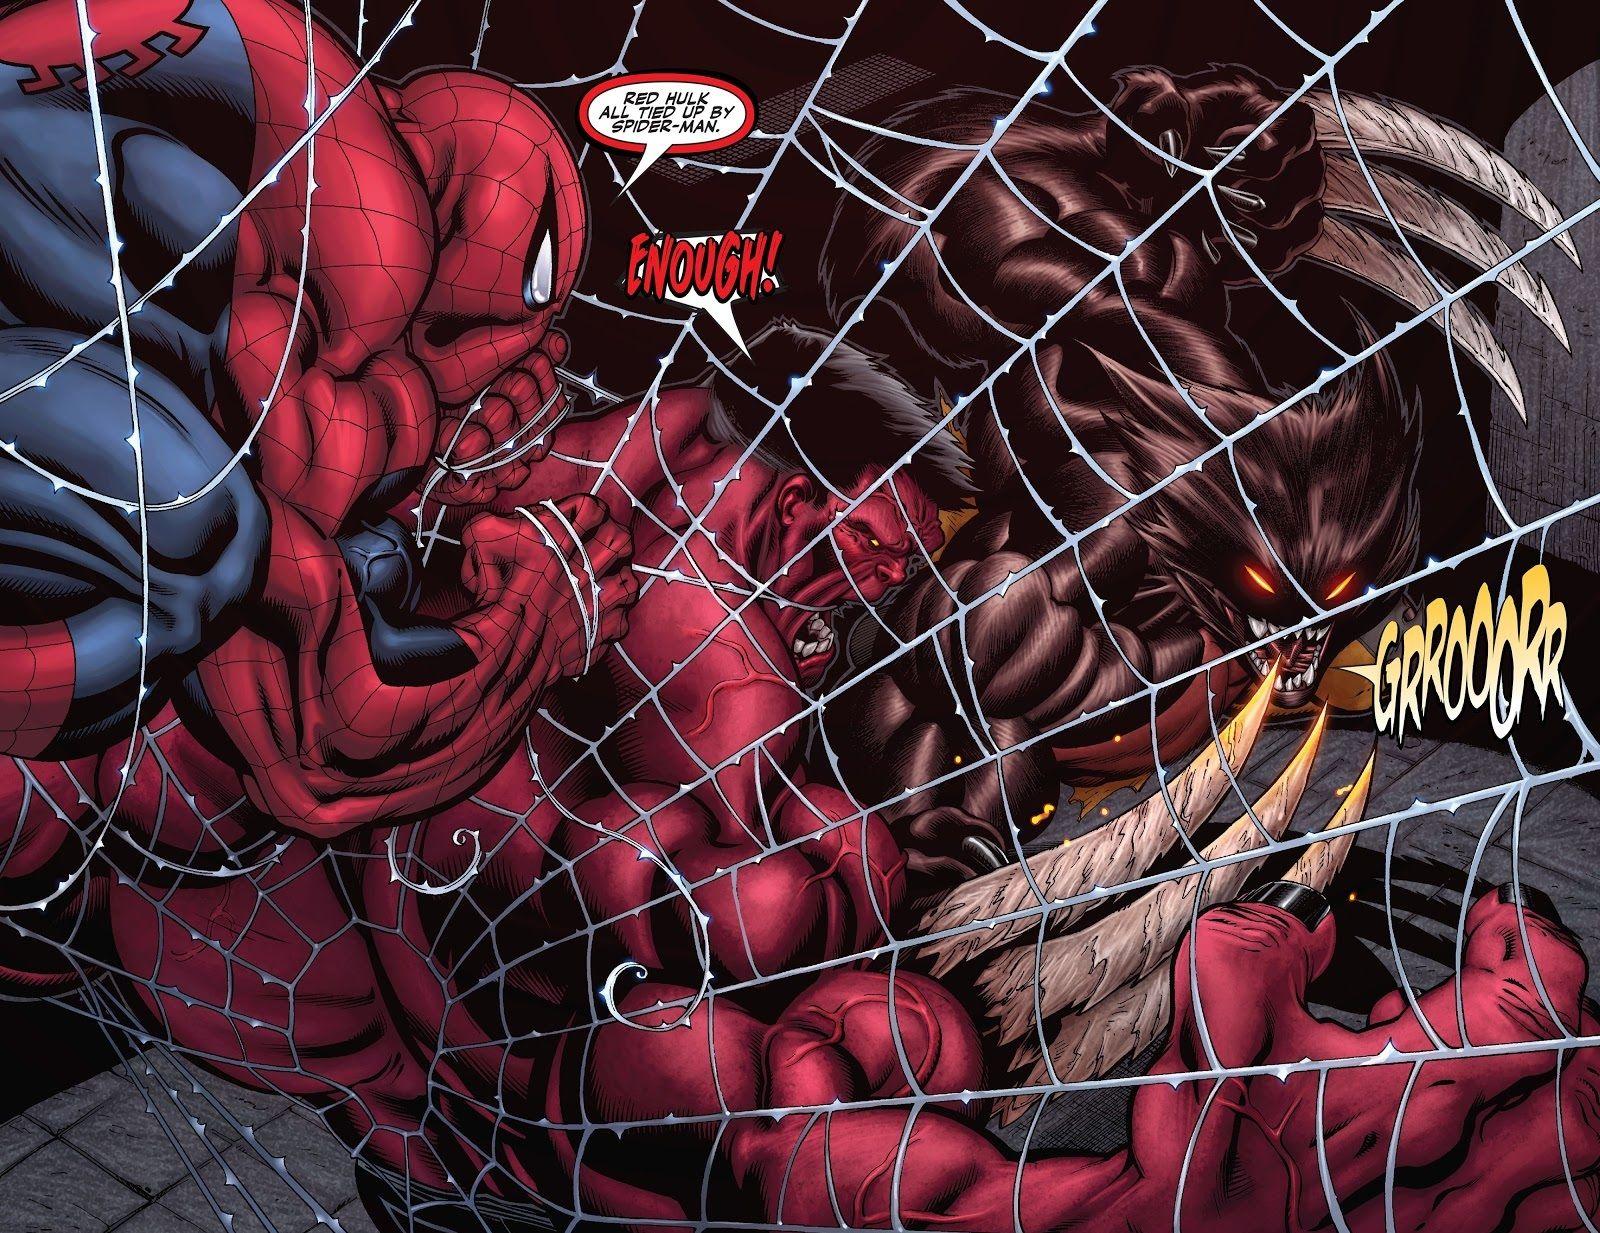 Olhando para trás: A identidade do Hulk Vermelho é finalmente revelada 1